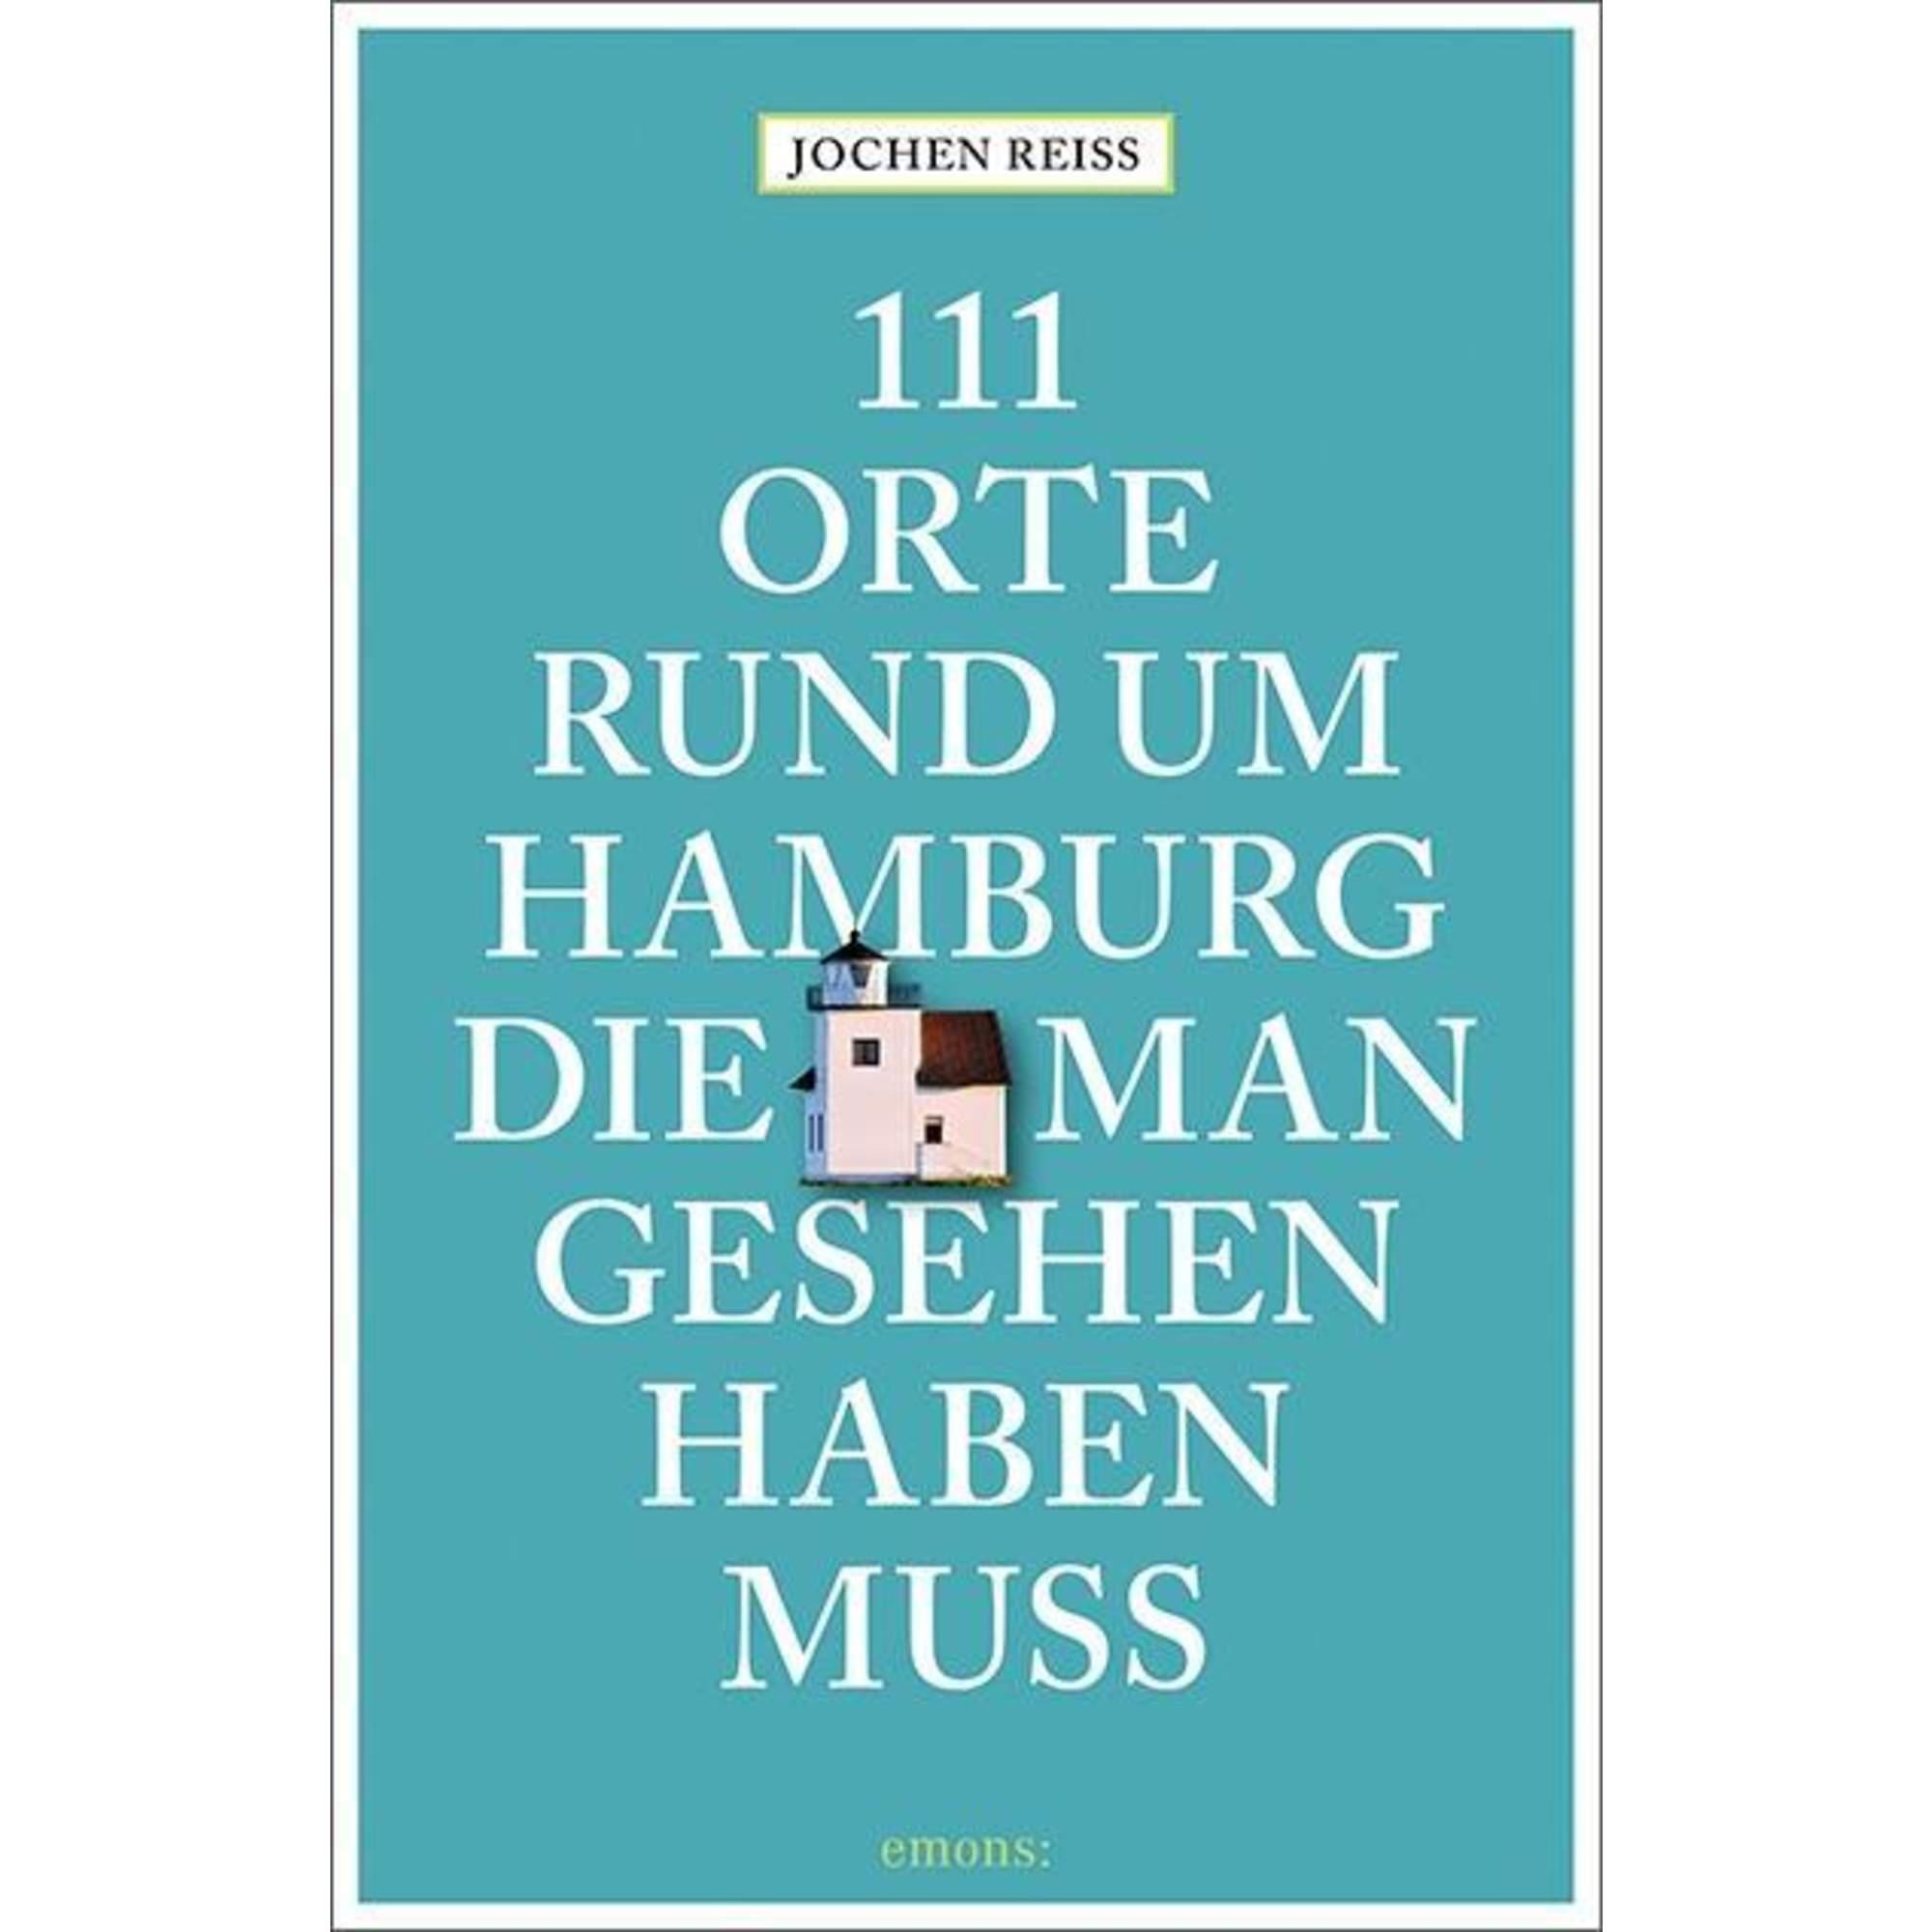 111 Orte rund um Hamburg, die man gesehen haben muss, 16,95 Euro